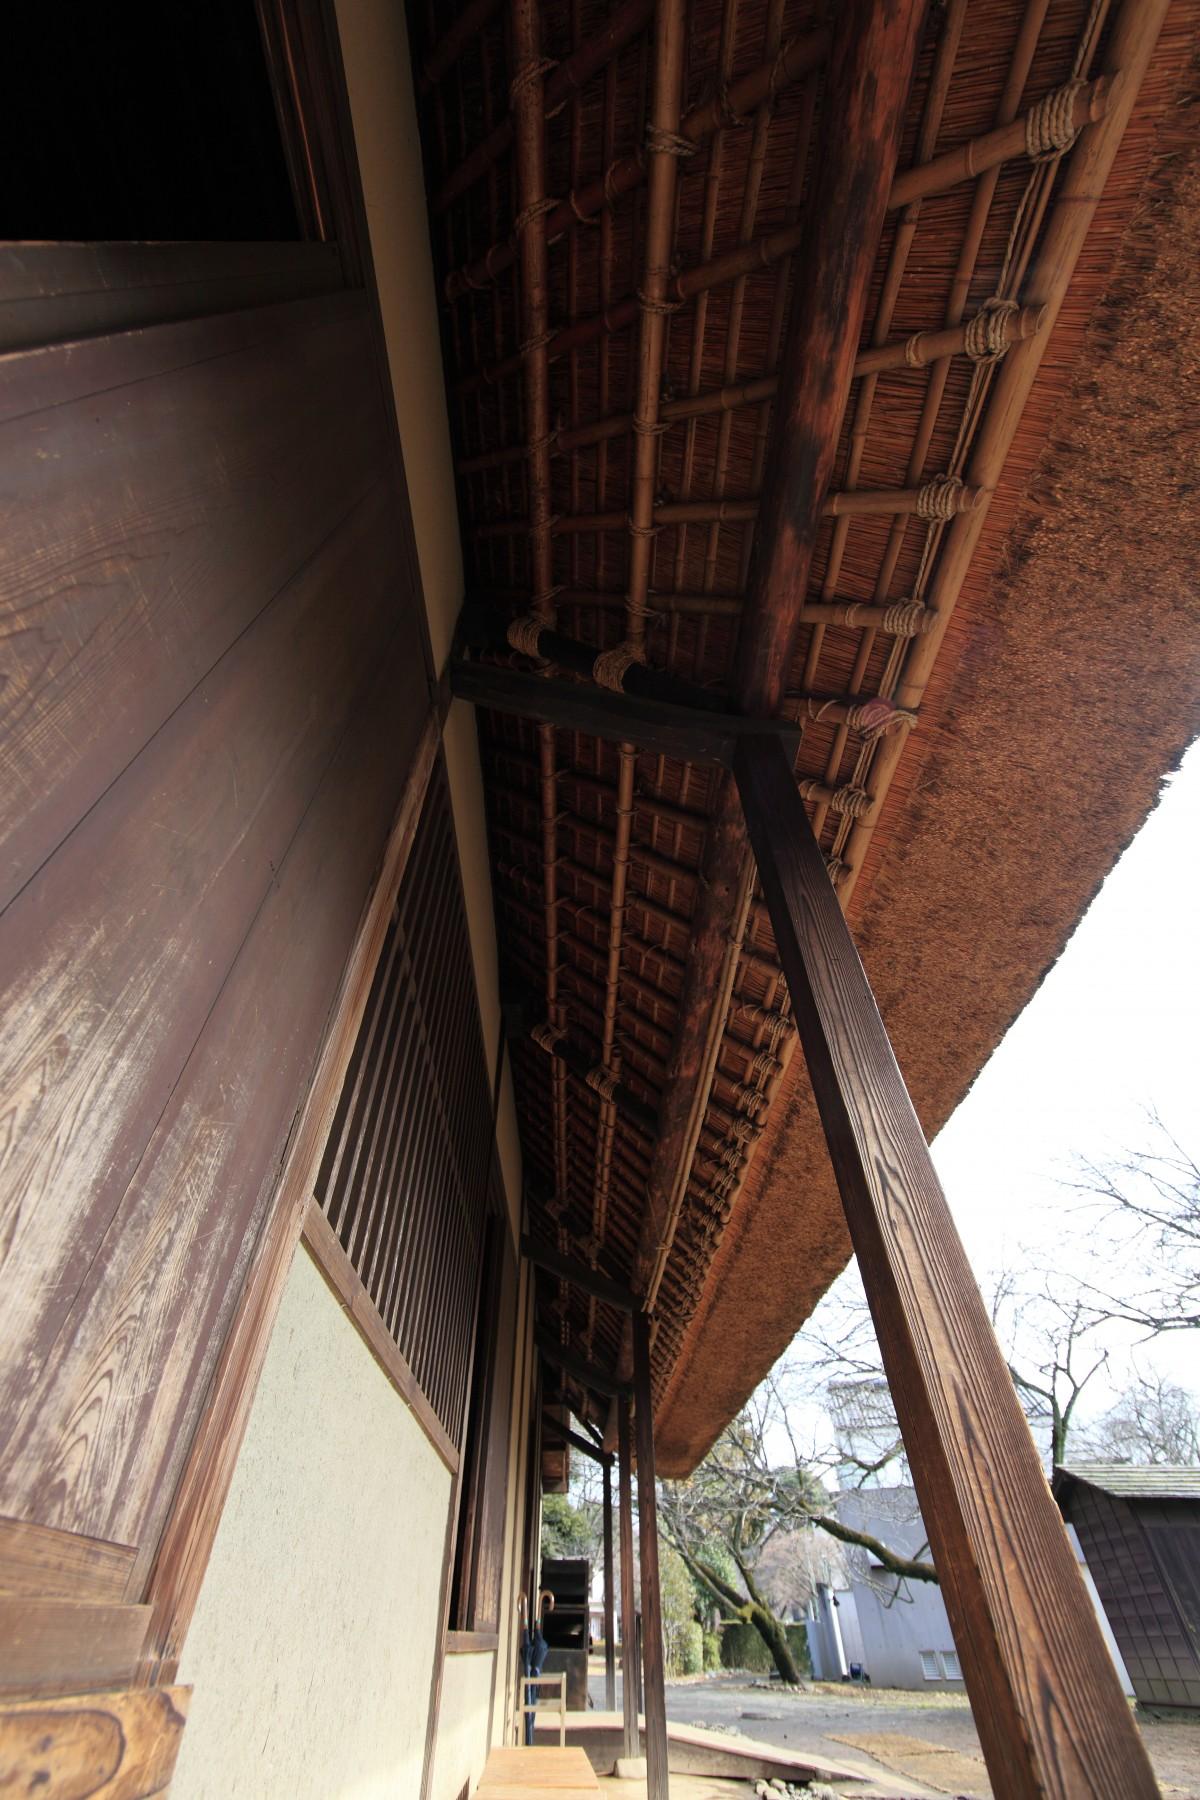 Gratis afbeeldingen architectuur hout huis verdieping dak huis schuur balk boog - Ontwerp buitenkant ontwerp ...